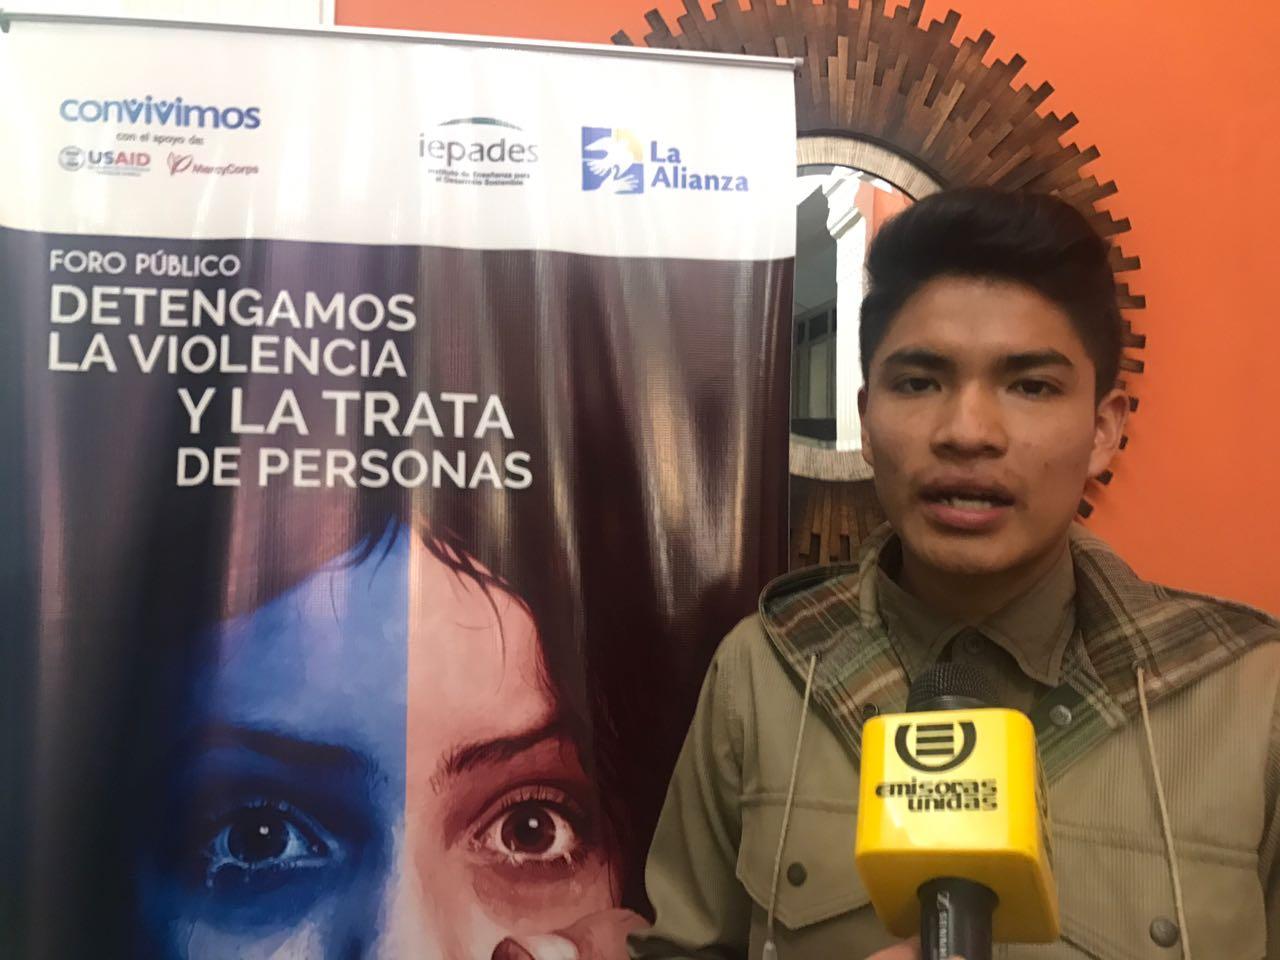 Jóvenes participan en foro contra la violencia y trata de personas